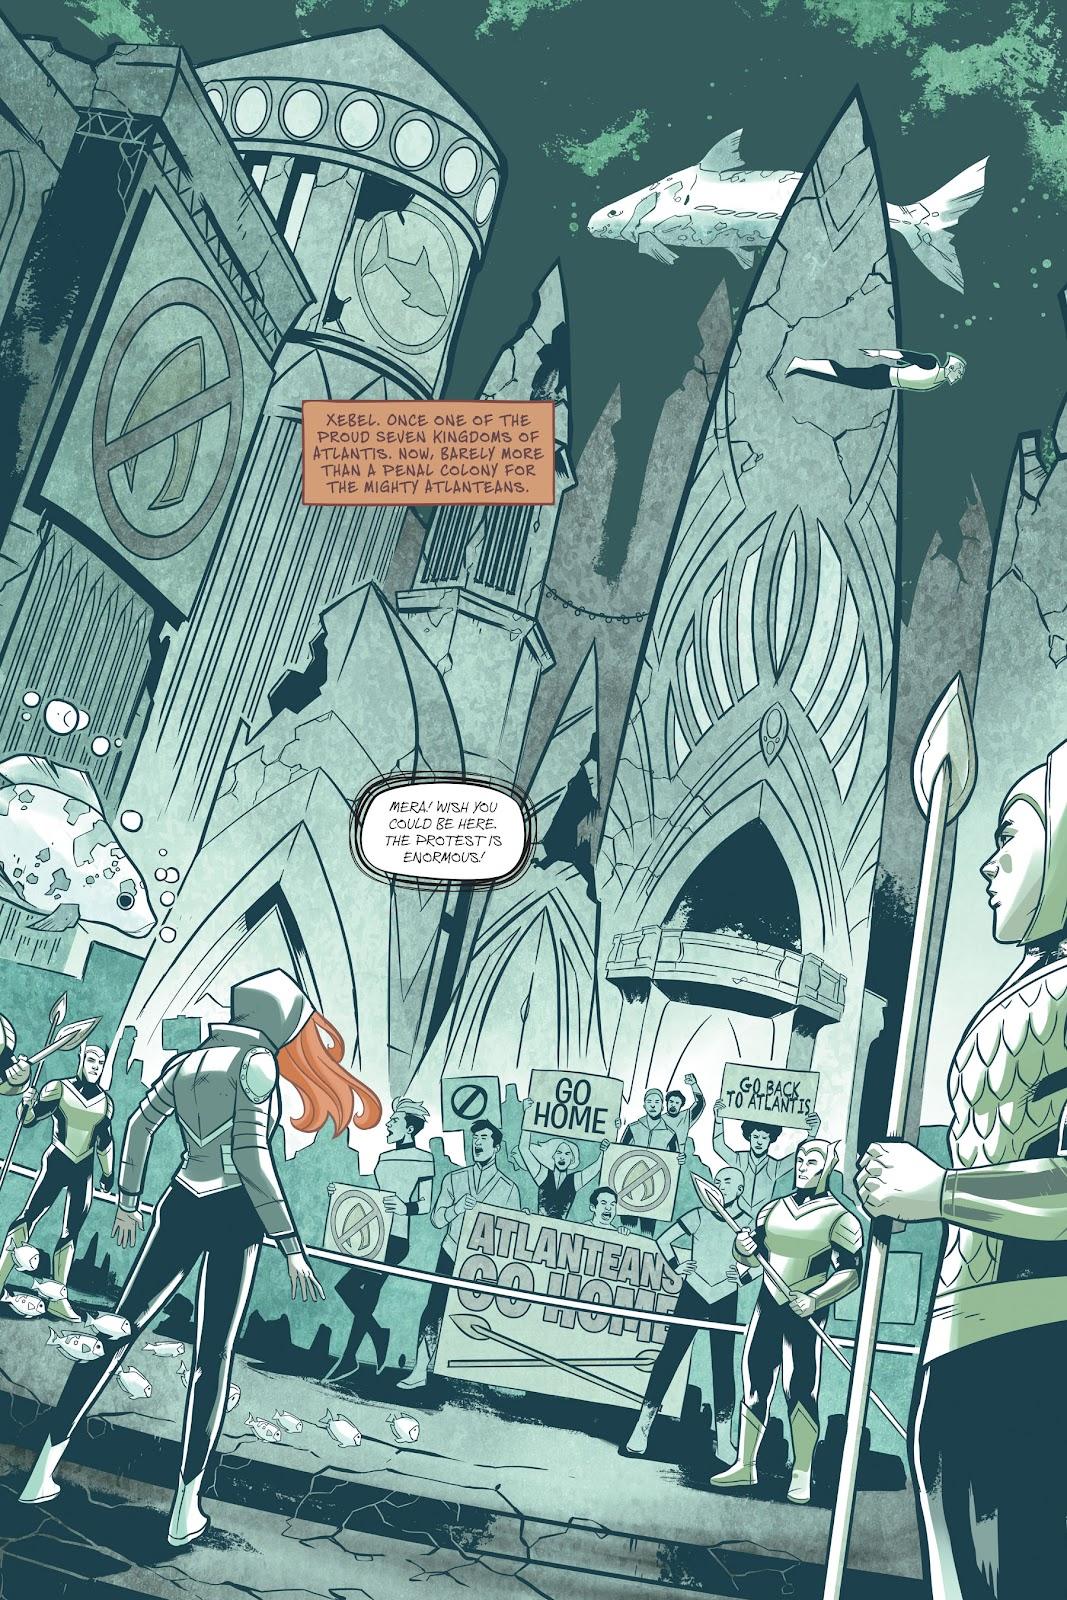 Read online Mera: Tidebreaker comic -  Issue # TPB (Part 1) - 9